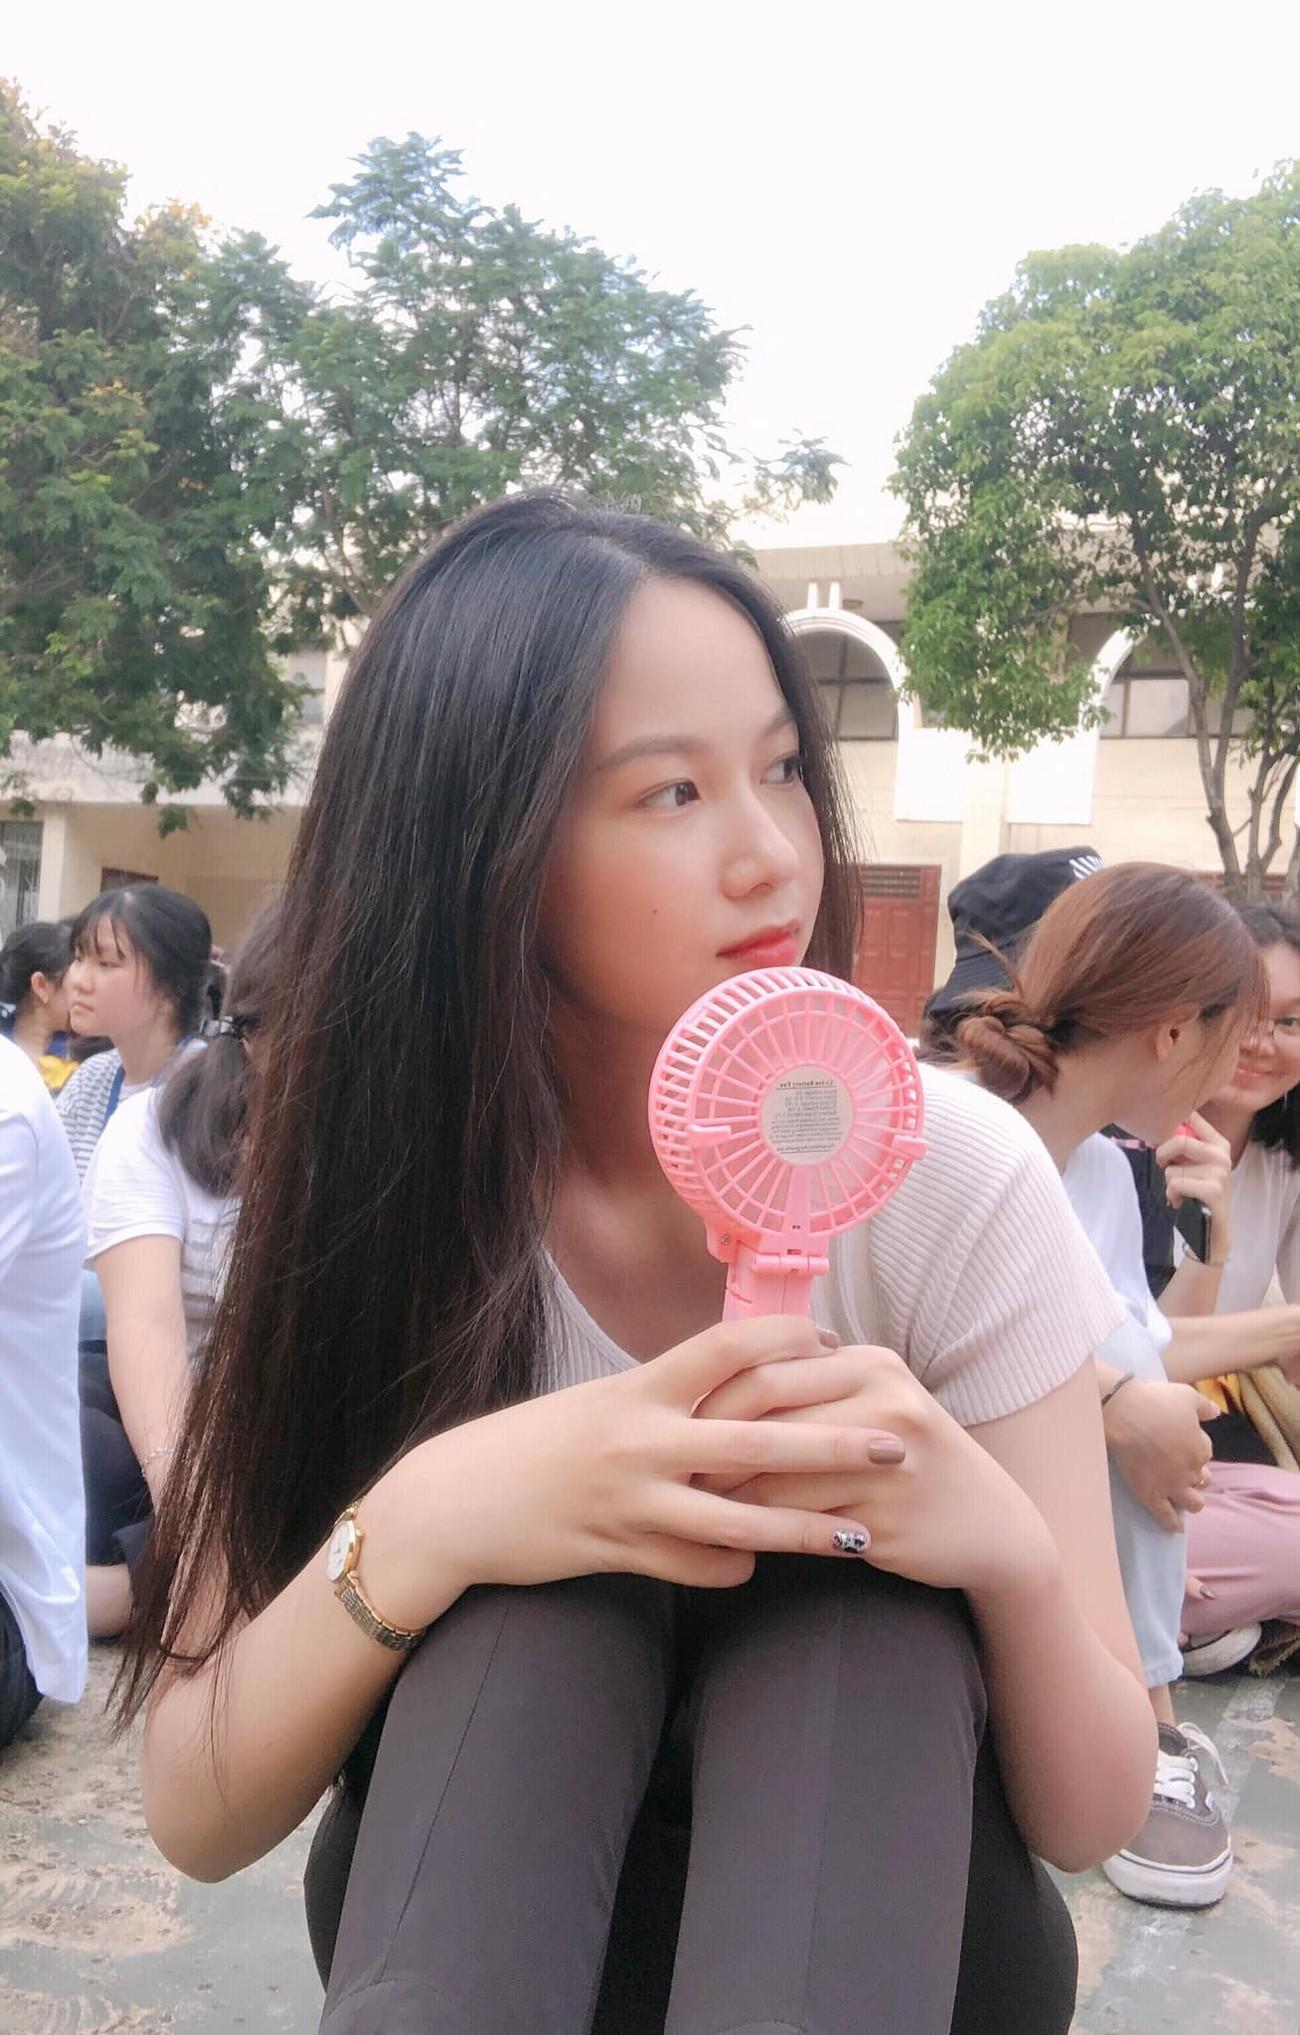 Ảnh cấp 3 cực xinh đẹp của 'Người đẹp có làn da đẹp nhất' Hoa hậu Việt Nam 2020 ảnh 5